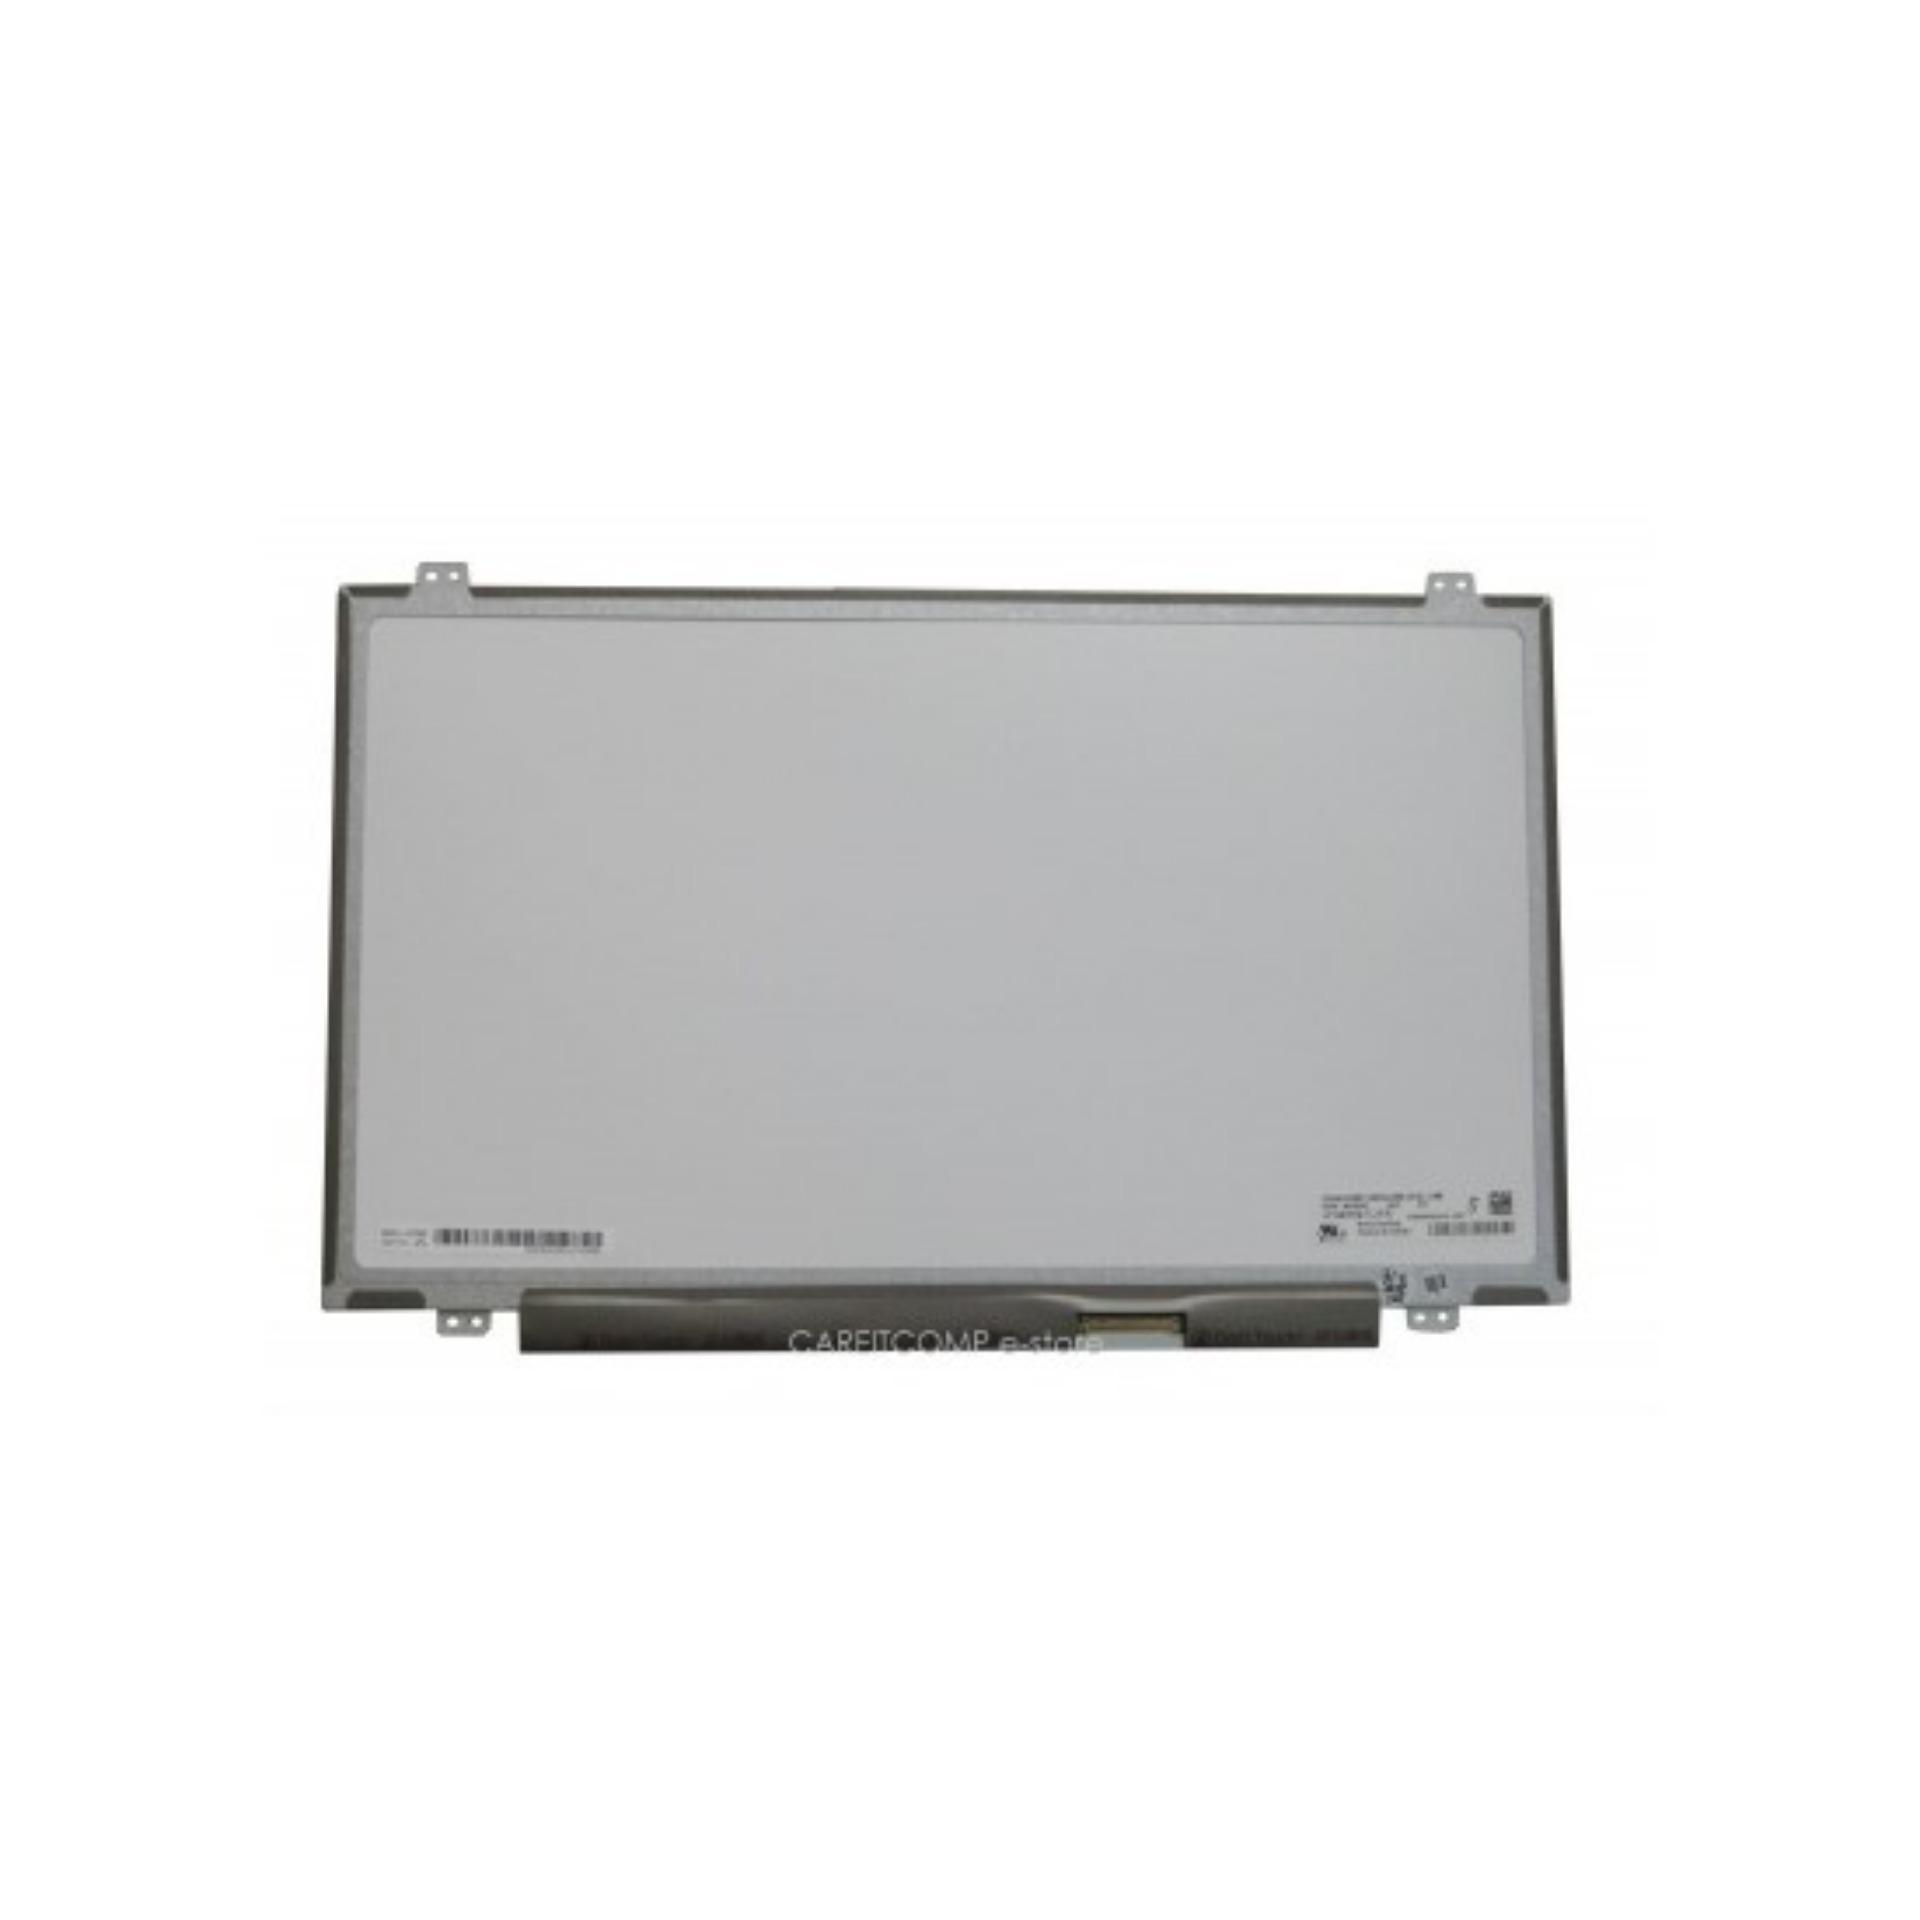 """Màn hình laptop HP Probook 440 G1 440 G2 (Led mỏng 14.0"""", 40 pin, 1366 x 768)"""